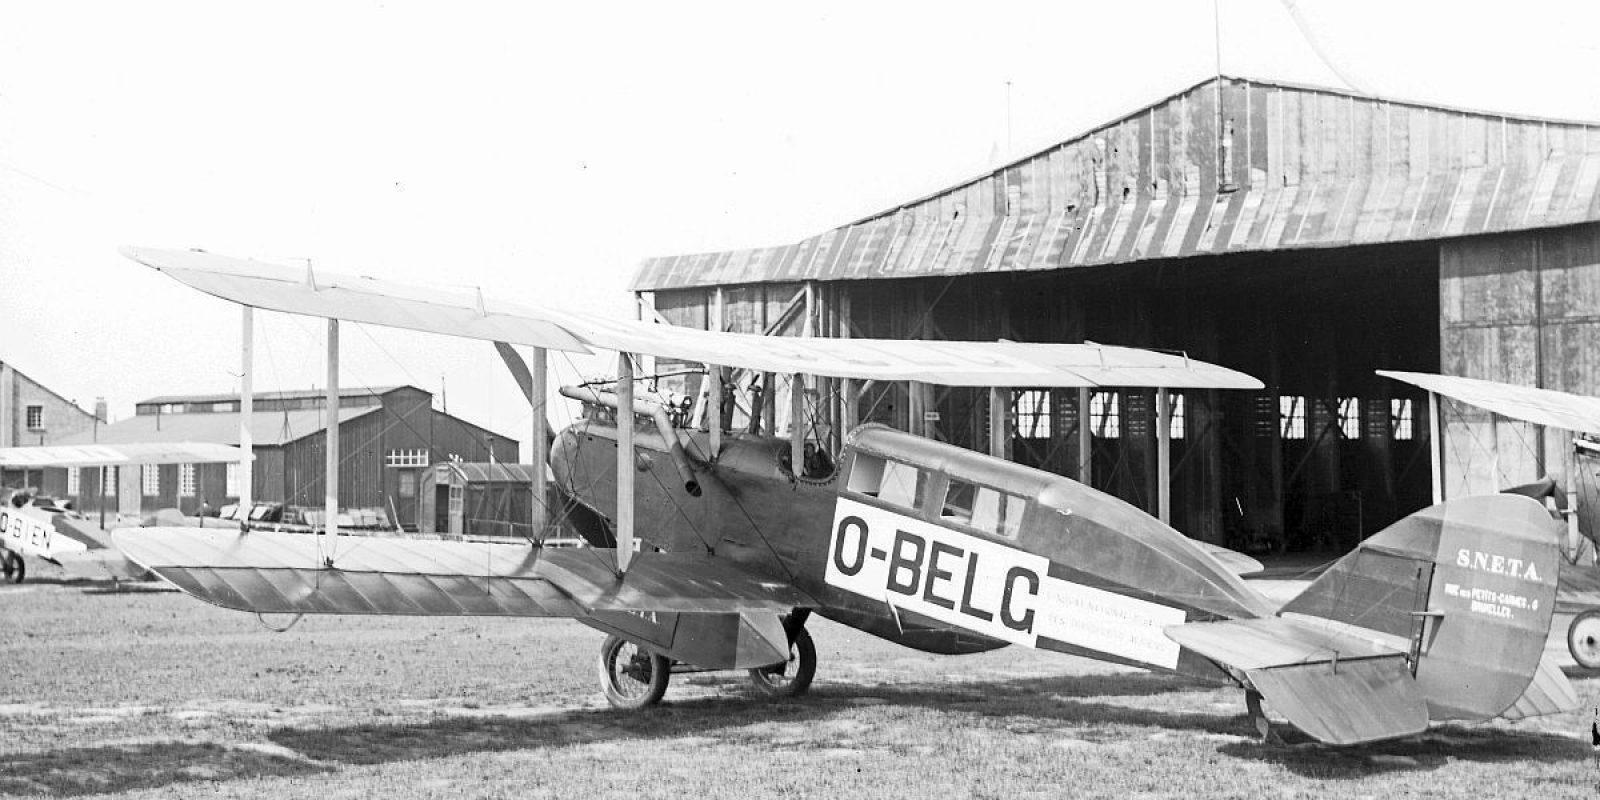 La flotte de la SNETA est assez hétéroclite. Ici le DH-9 « cabine » O-BELG.